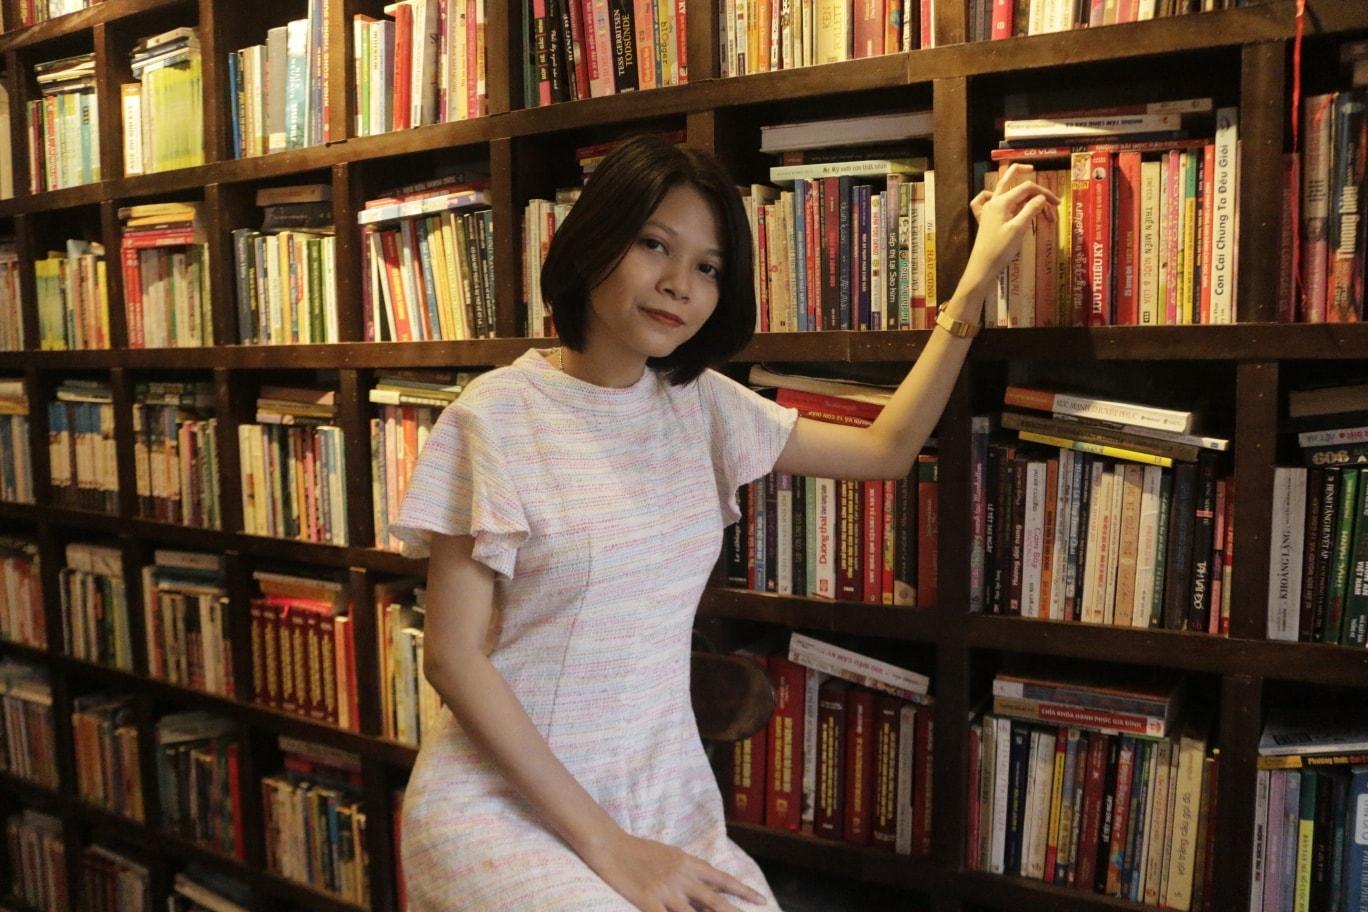 Đời sống sinh viên tại ký túc xá ở Hà Nội những ngày giãn cách - Ảnh 1.